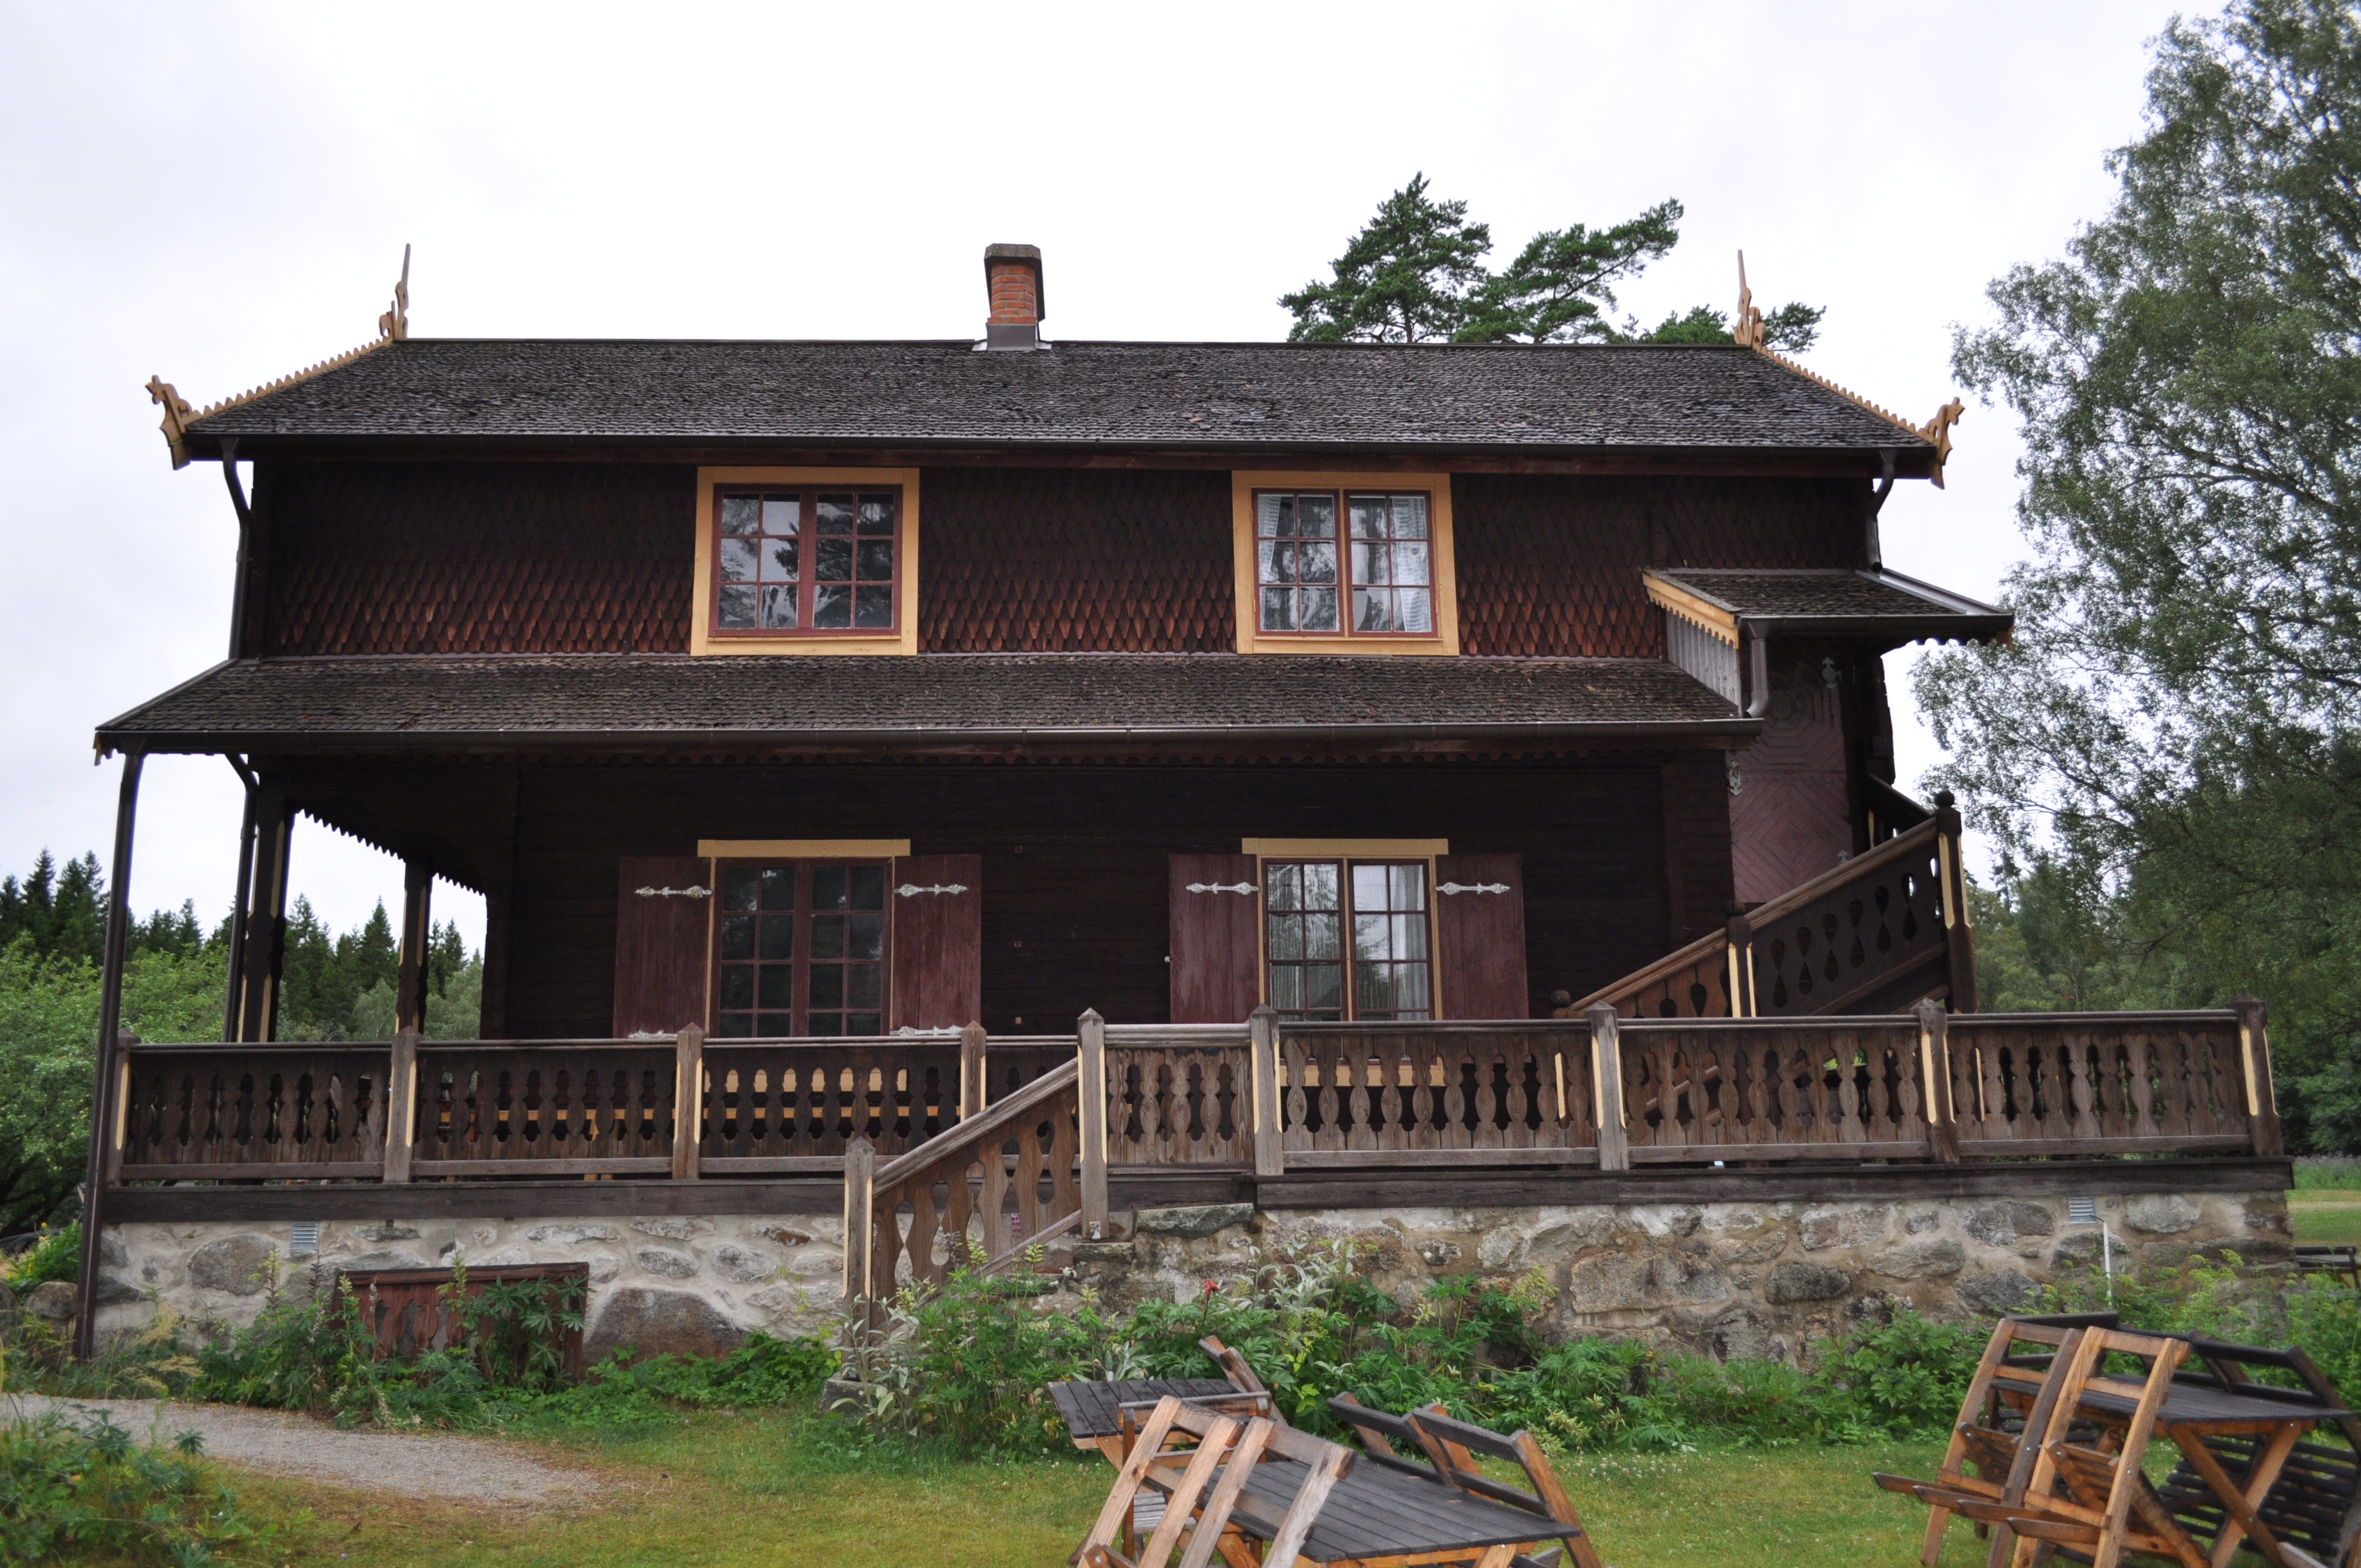 Kyrkhult Sodersjon set location, Images - Visit Blekinge